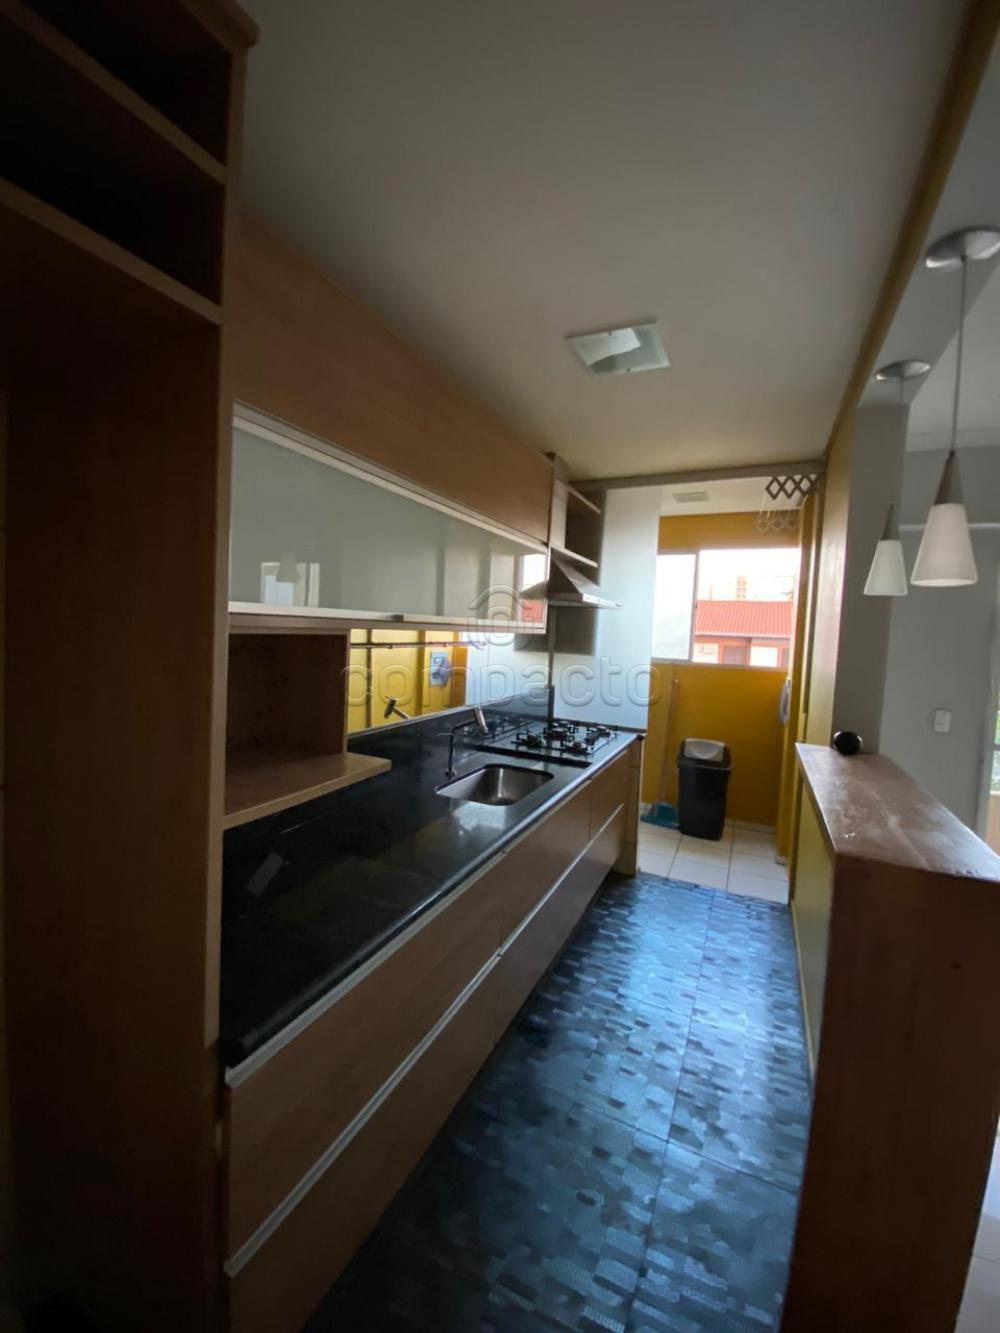 Alugar Apartamento / Padrão em São José do Rio Preto apenas R$ 1.250,00 - Foto 16